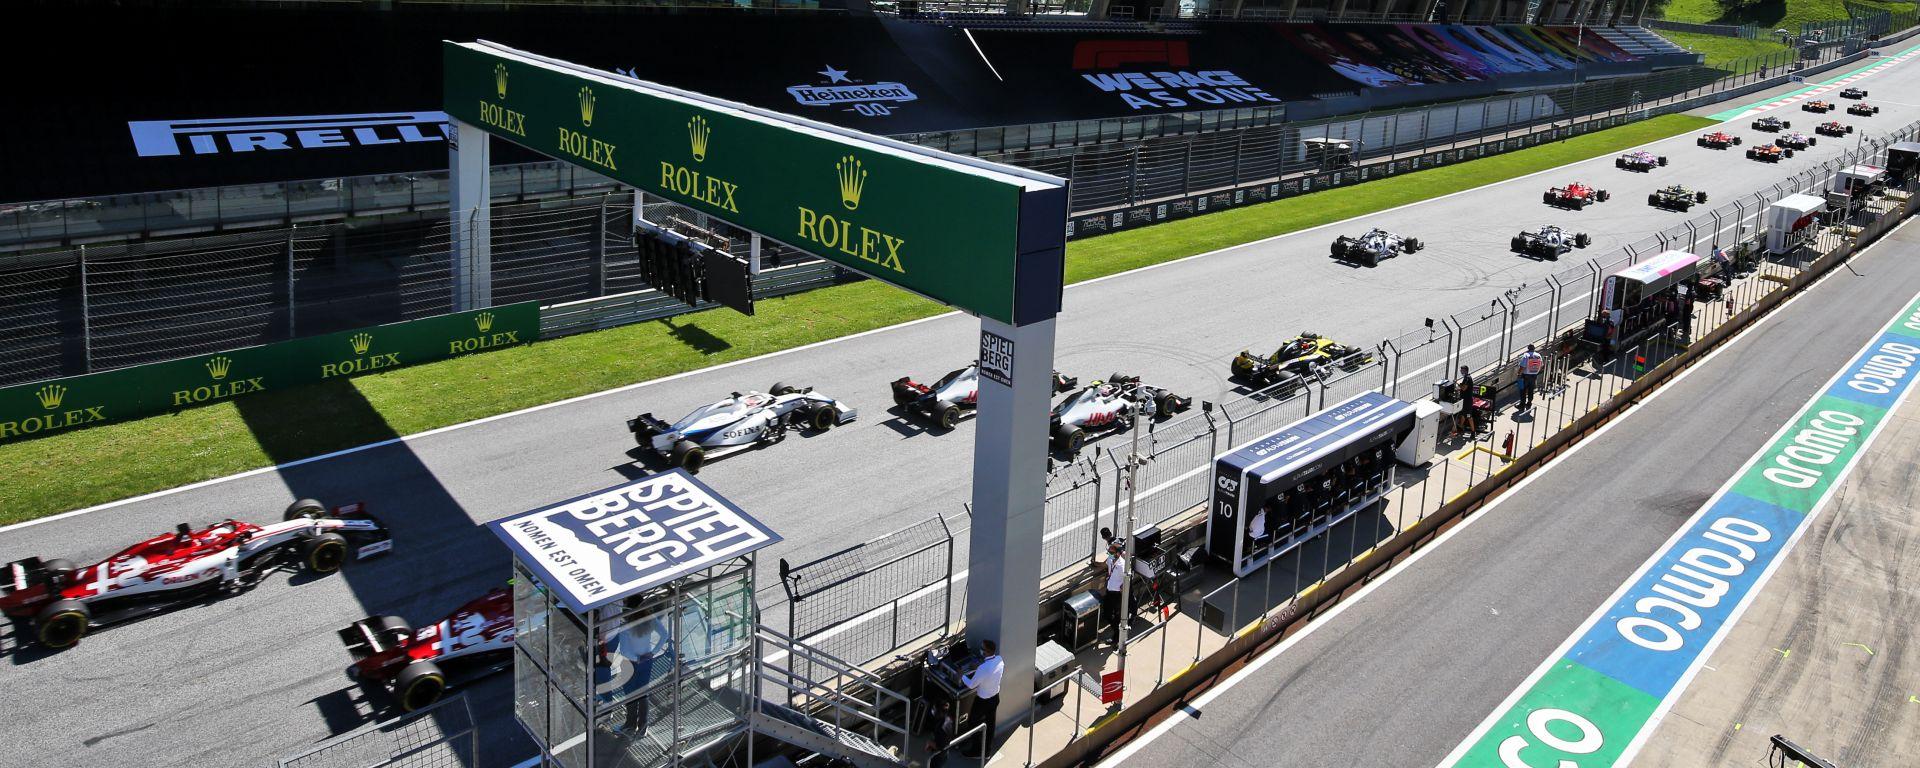 F1 GP Austria 2020, Red Bull Ring: la partenza della gara